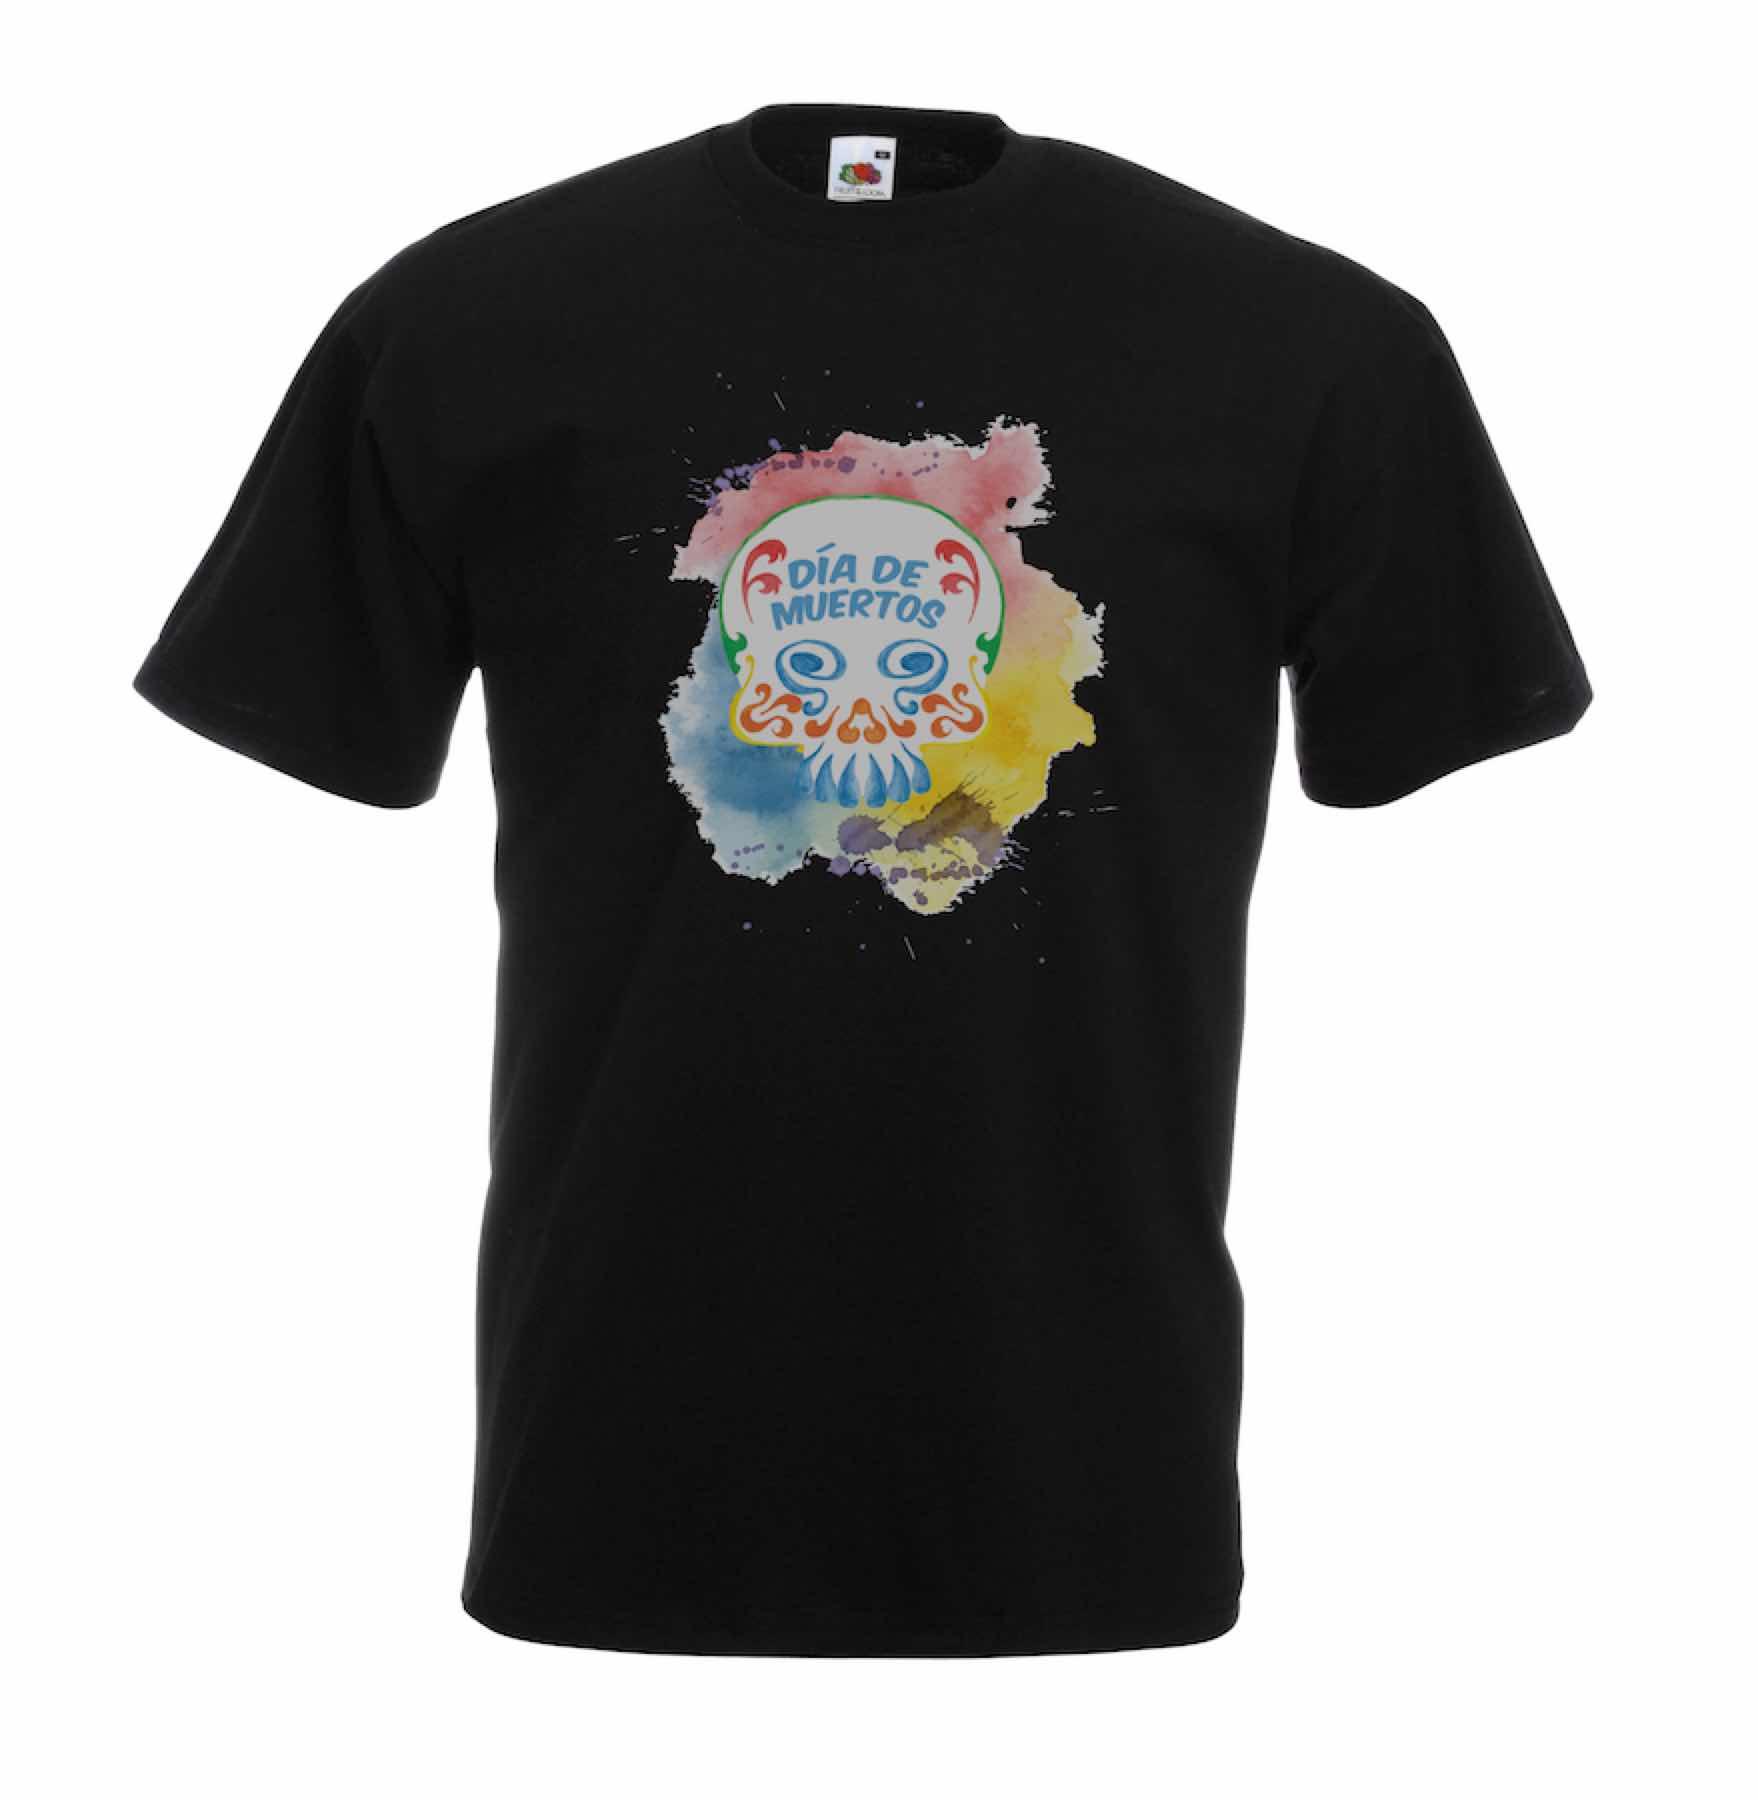 Dia De Meurtos design for t-shirt, hoodie & sweatshirt